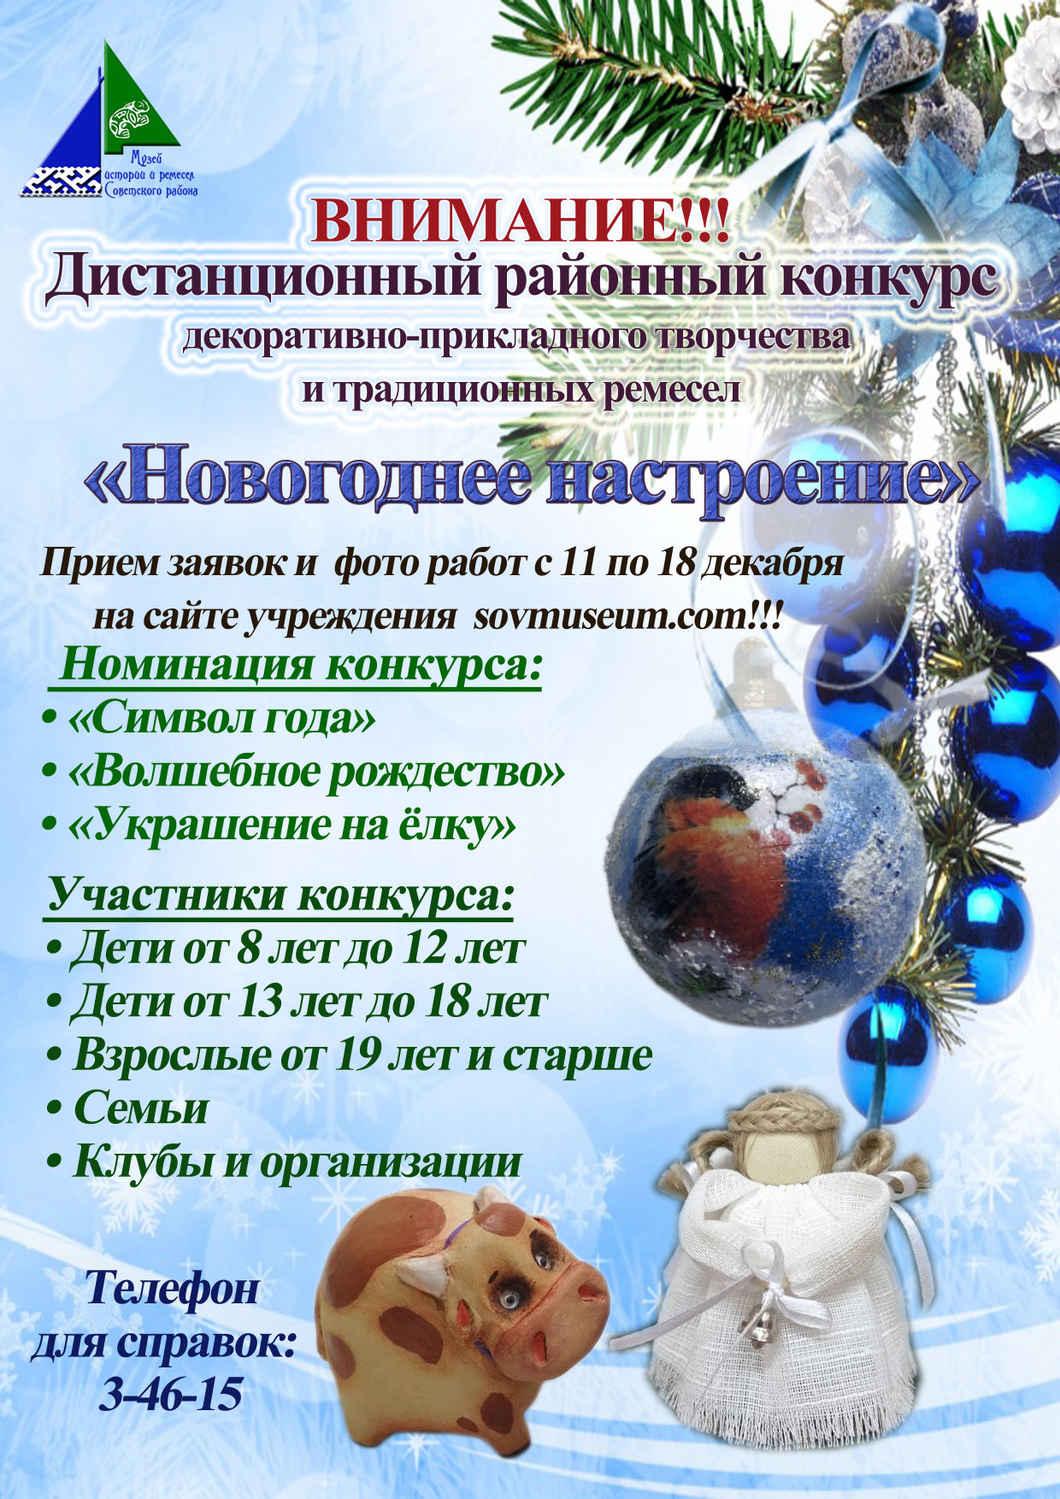 Дистанционный конкурс «Новогоднее настроение»